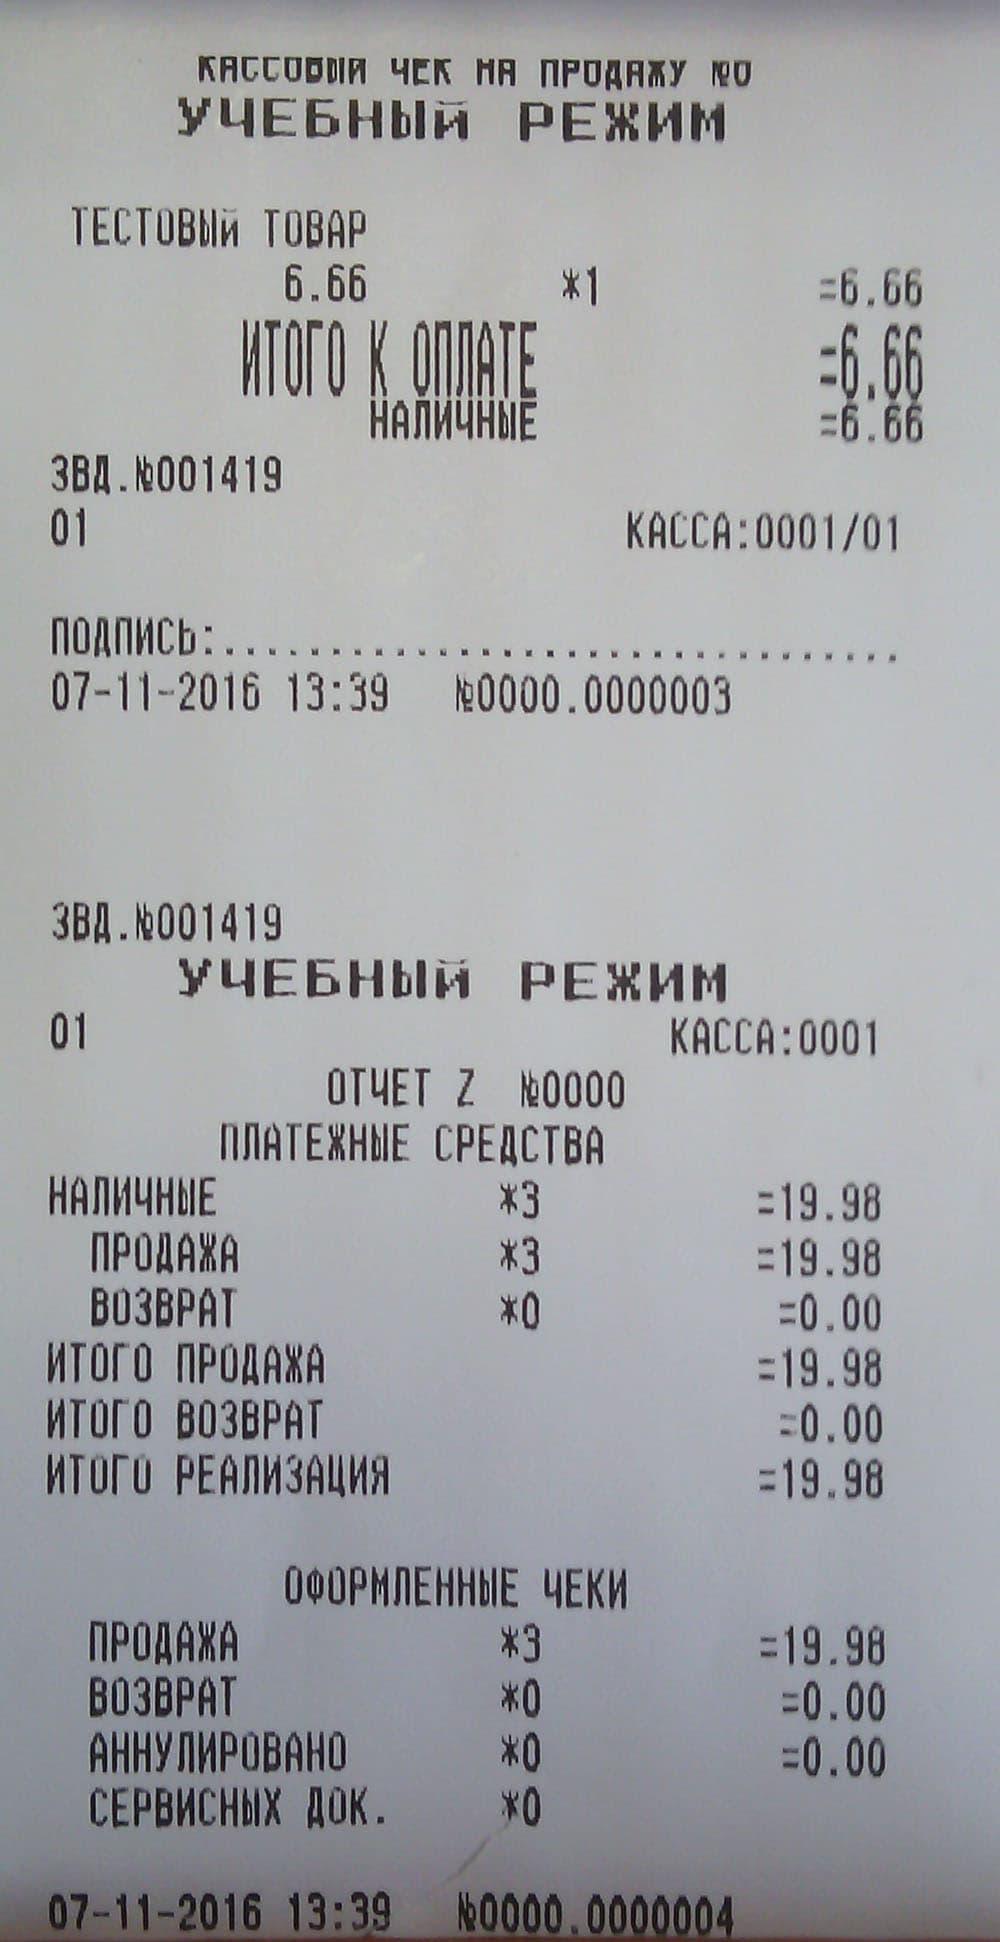 Памятка для кассиров-операционистов КСА Миника 1102Ф Дина 88